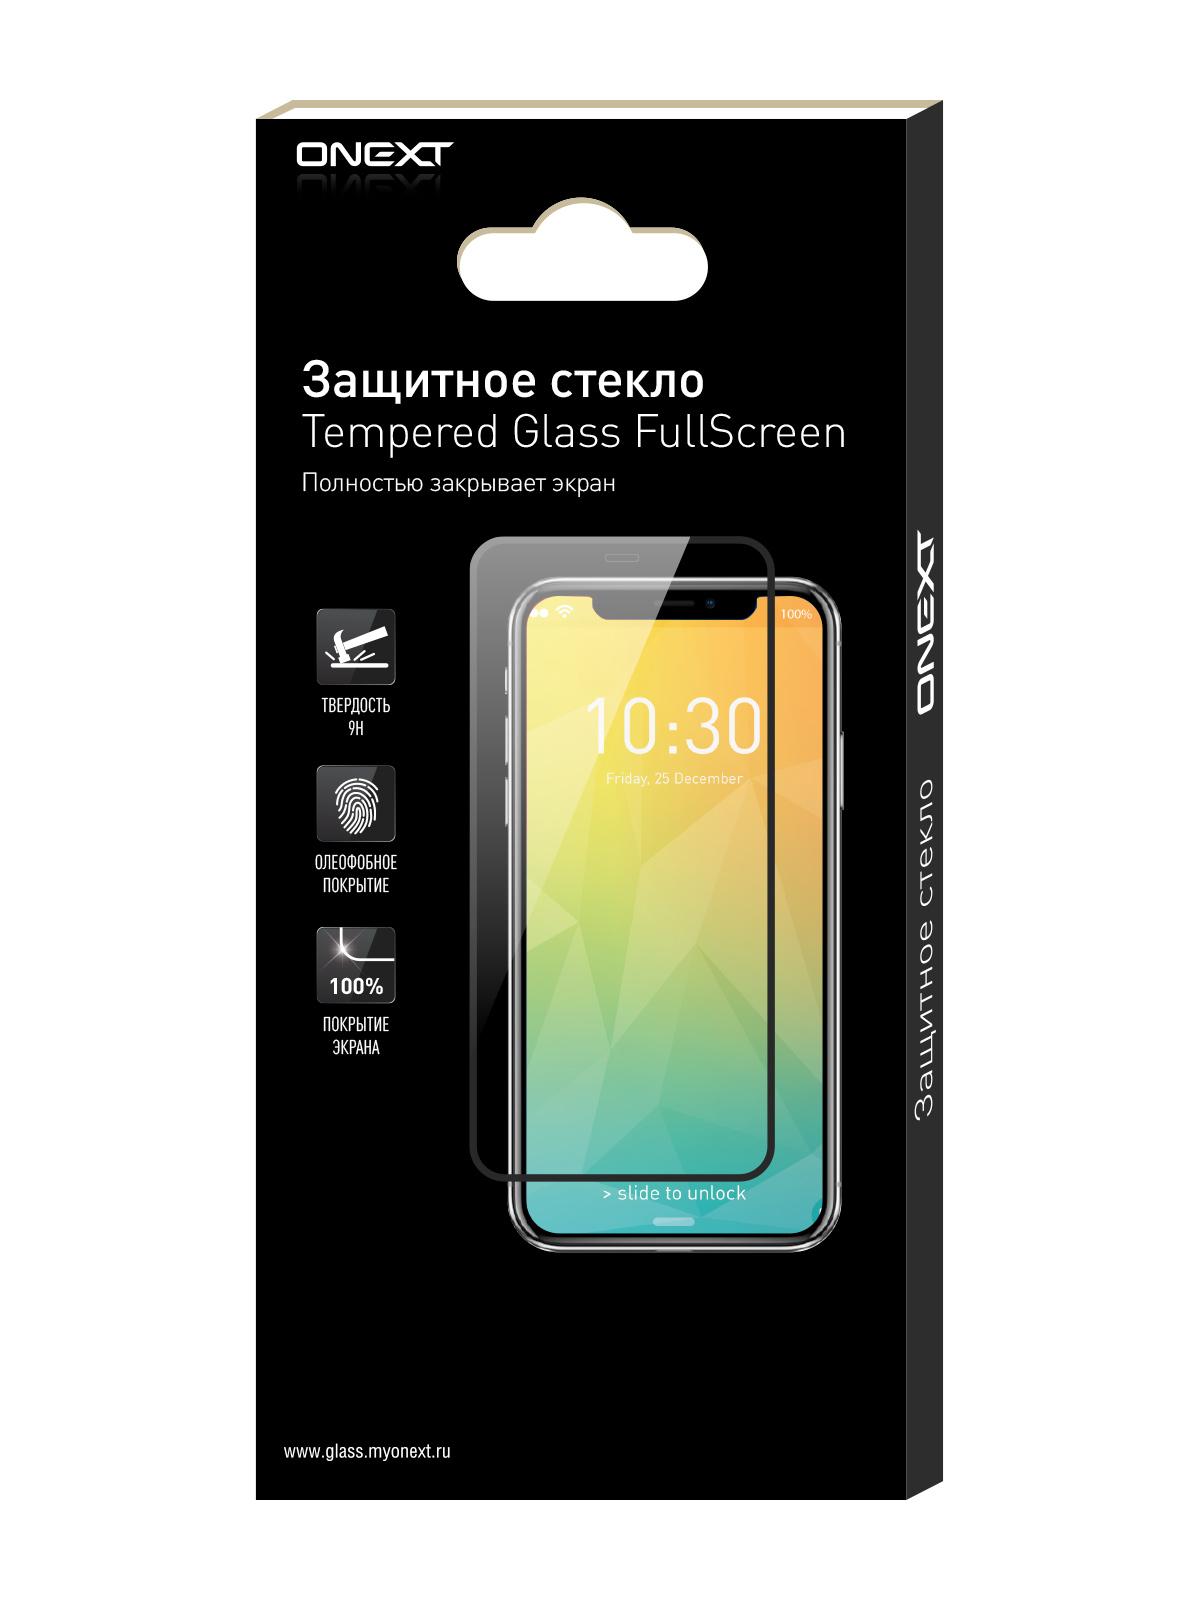 Защитное стекло ONEXT для Asus ZenFone 3 Laser (ZC551KL) Gold фото